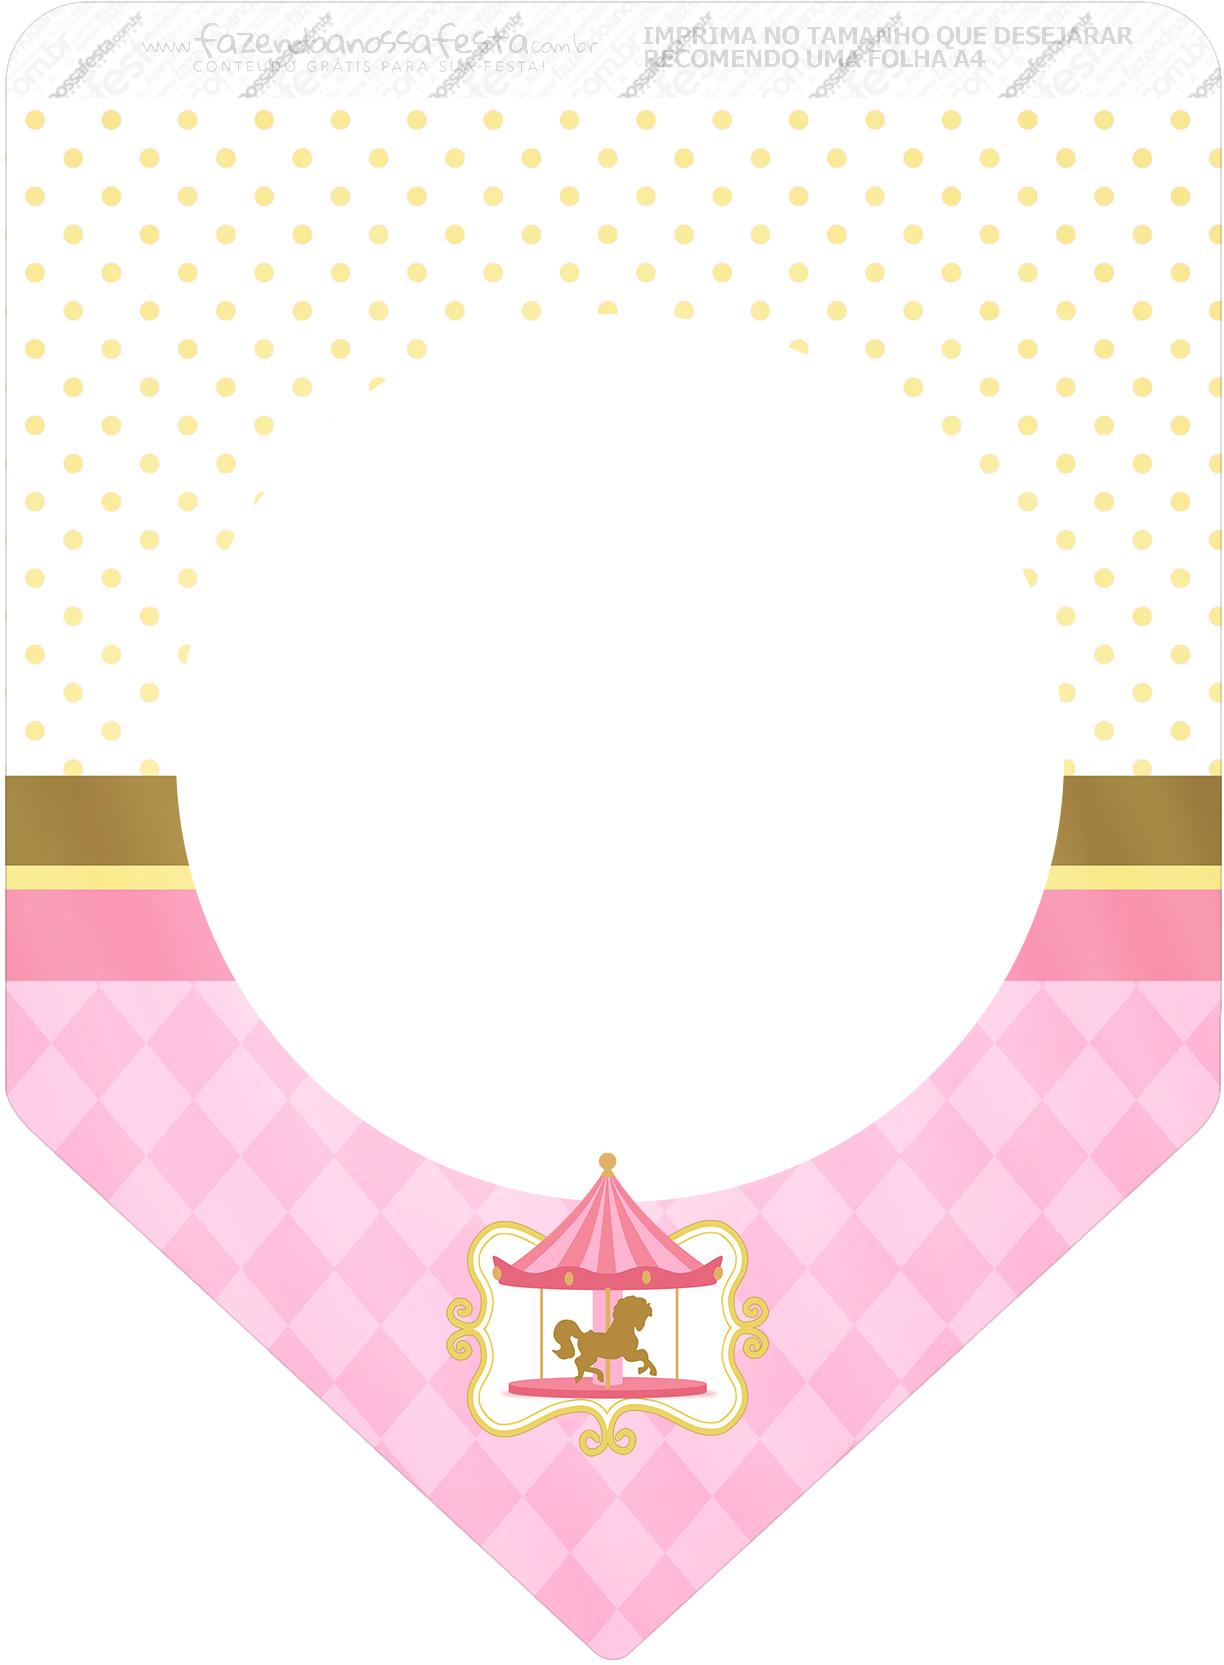 Bandeirinha Sanduiche Carrossel Encantado